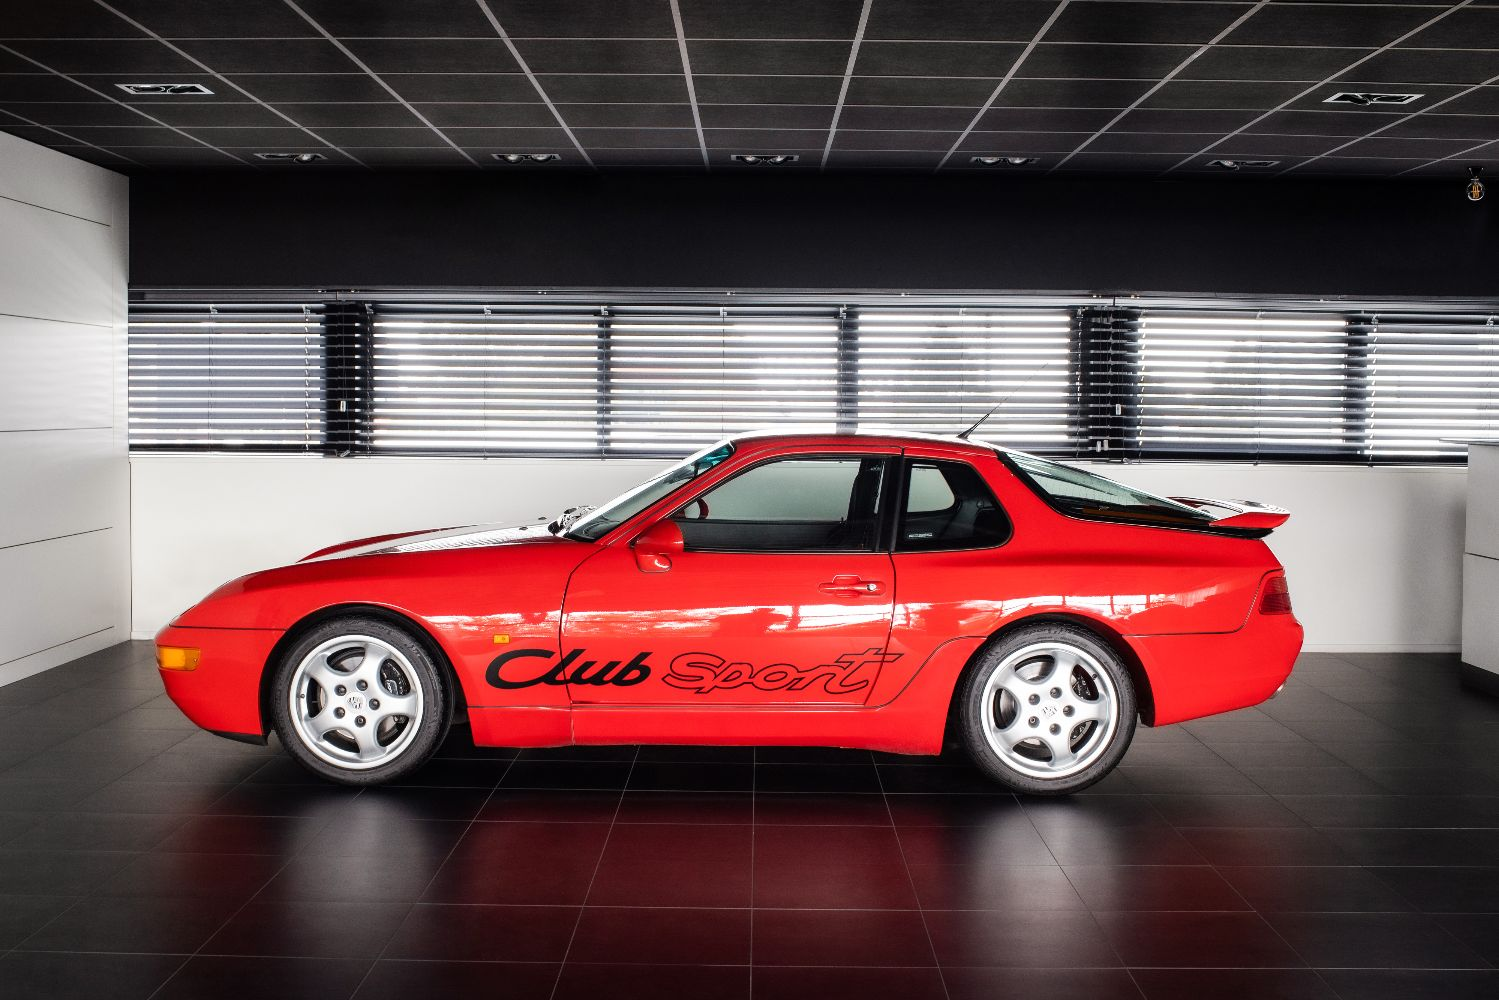 Porsche 968 Club Sport Verkocht